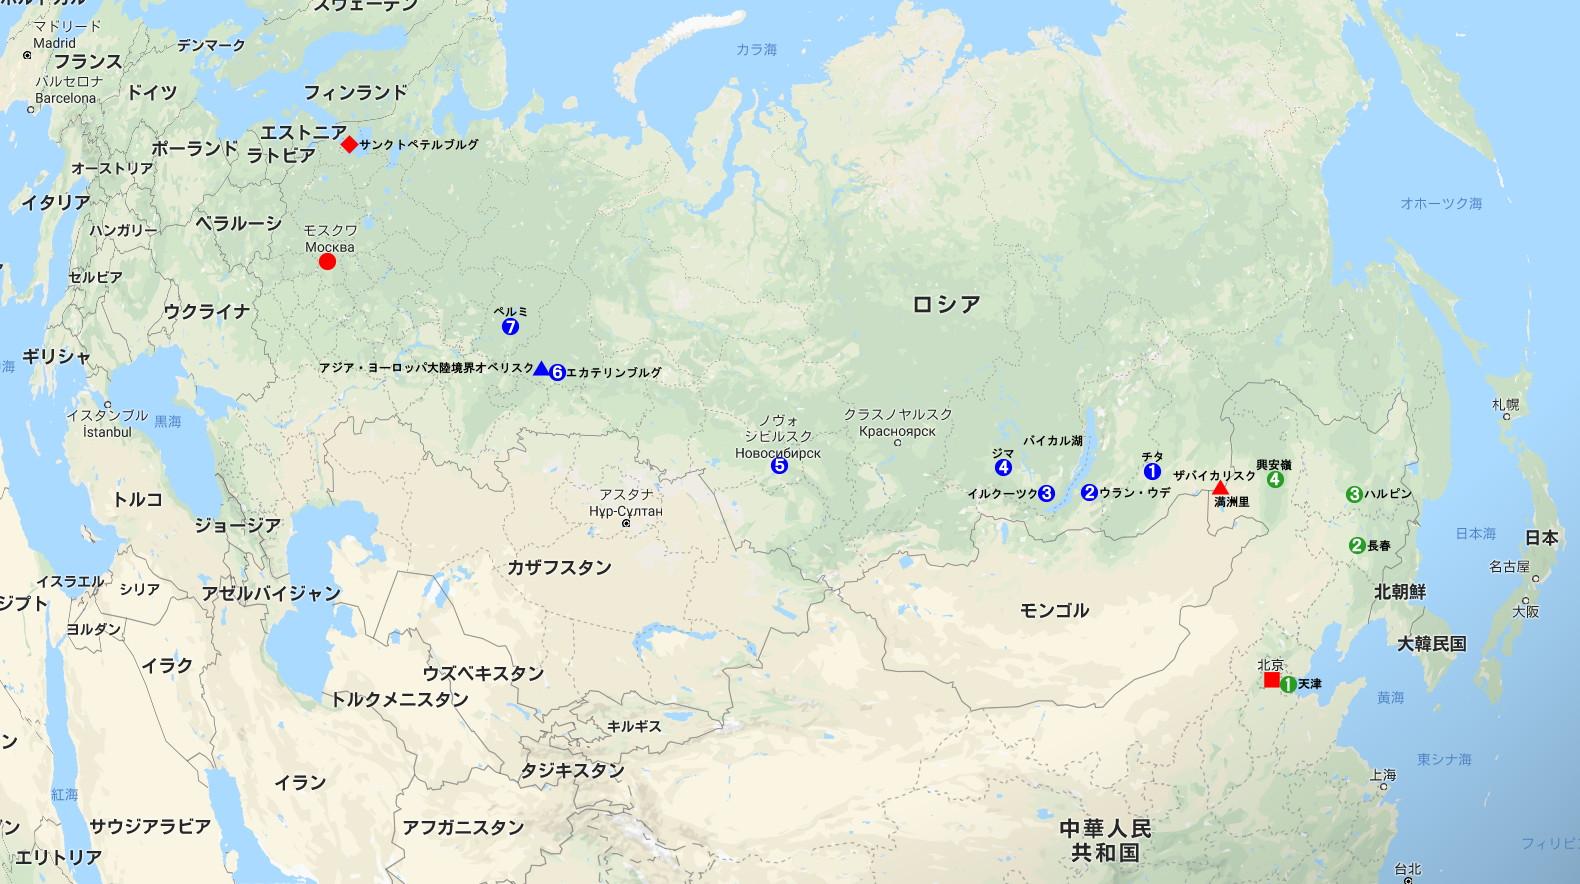 ユーラシア大陸鉄道横断旅行 Go West!1996その32・北京・軍事博物館とシベリア特急-3215